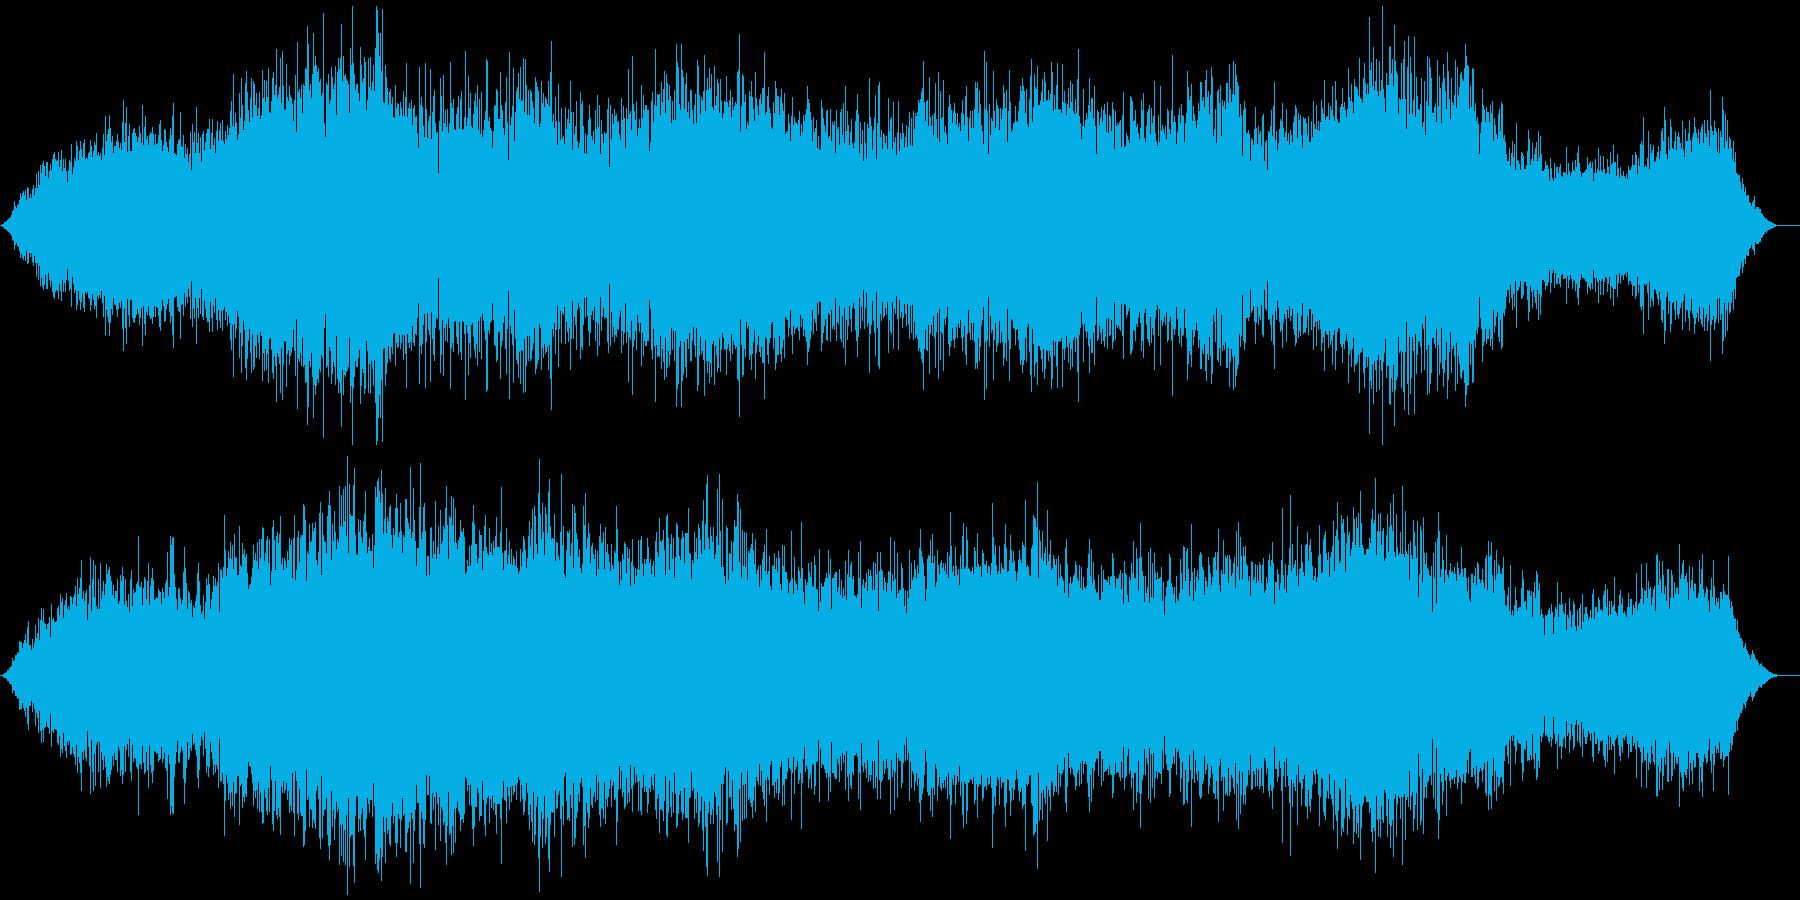 ホラー作品用のBGMですの再生済みの波形